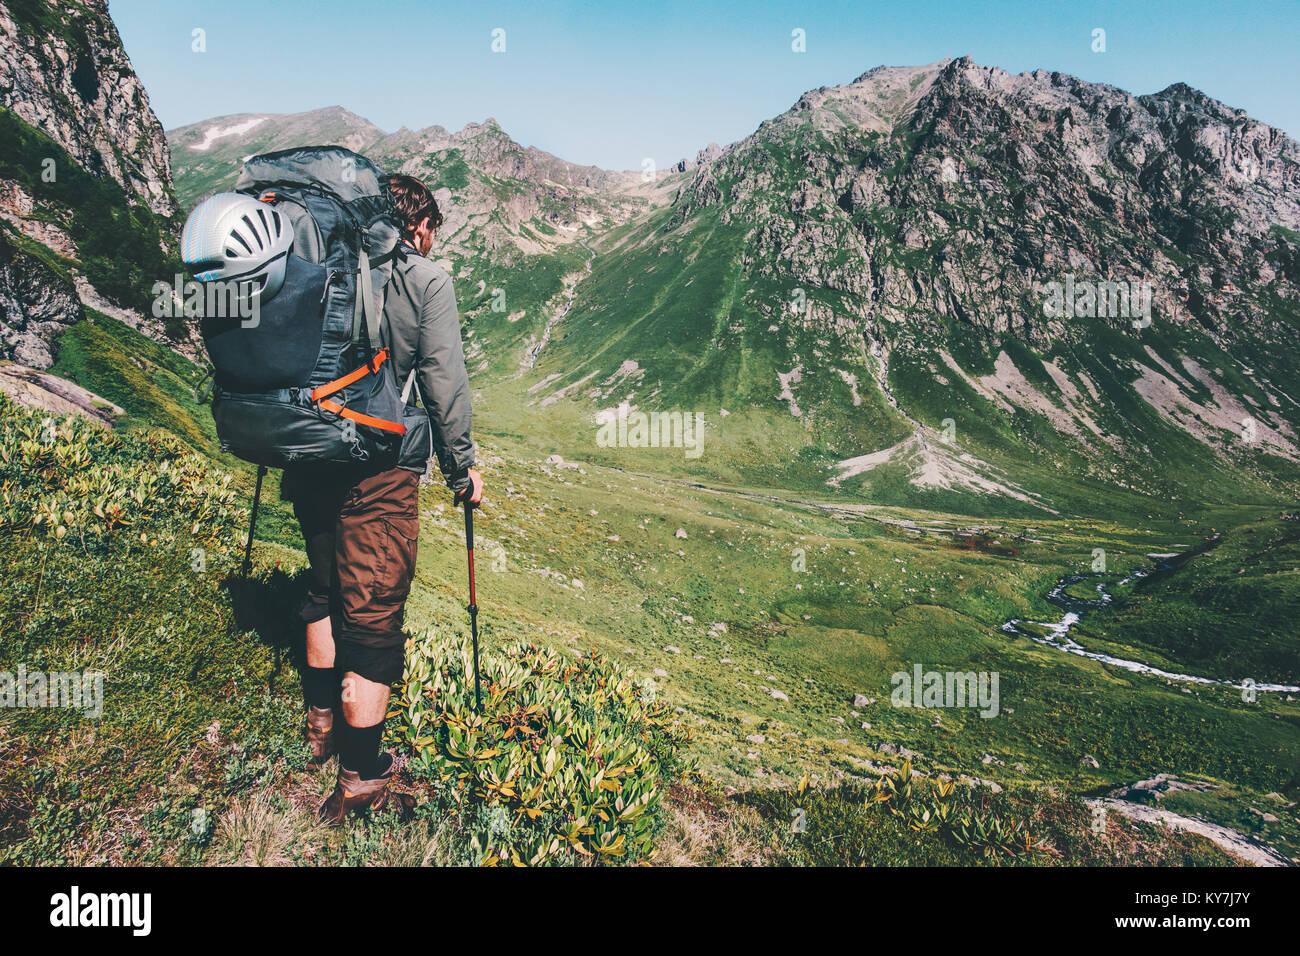 L'uomo escursioni in montagna con pesante zaino grande stile di vita viaggio wanderlust adventure concept estate Immagini Stock